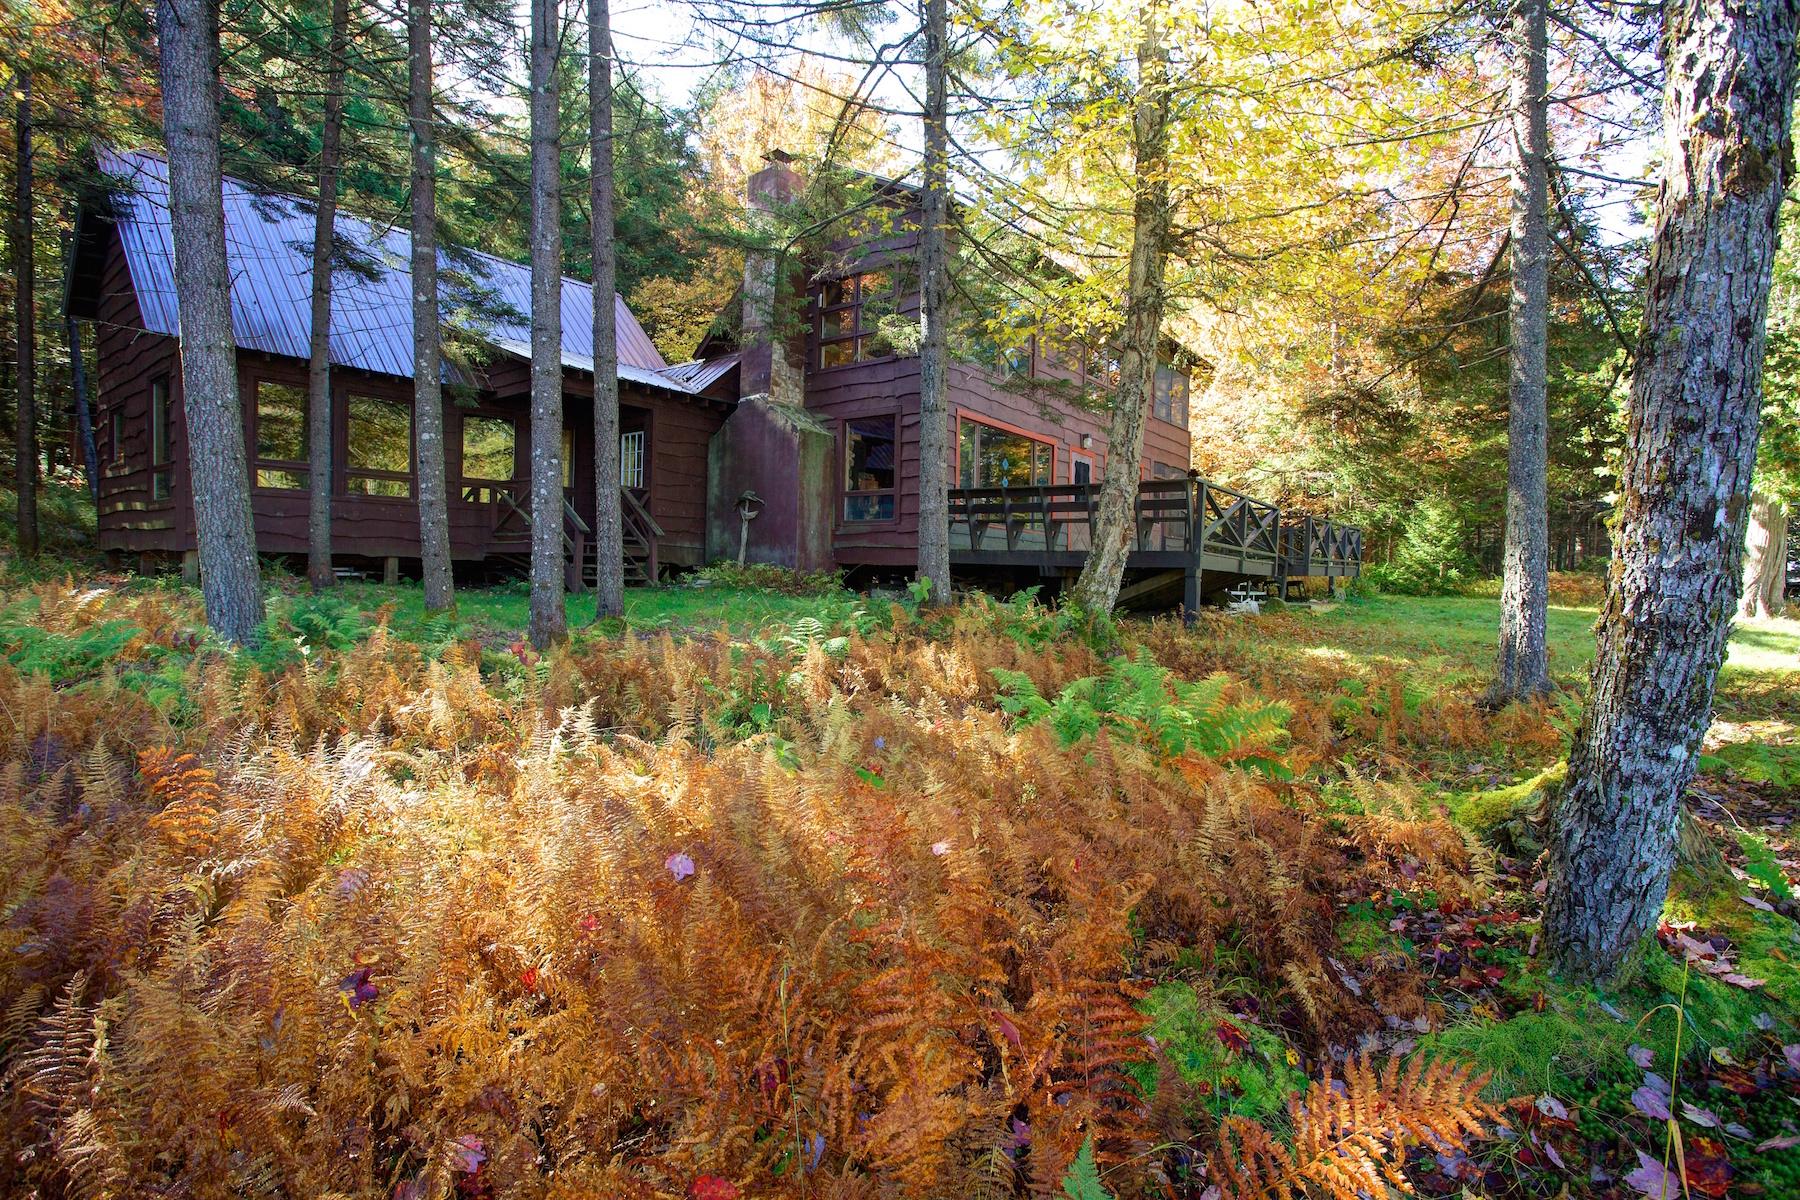 Casa Unifamiliar por un Venta en Exclusive Adirondack Family Camp 505 Judson Road Eagle Bay, Nueva York 13331 Estados Unidos